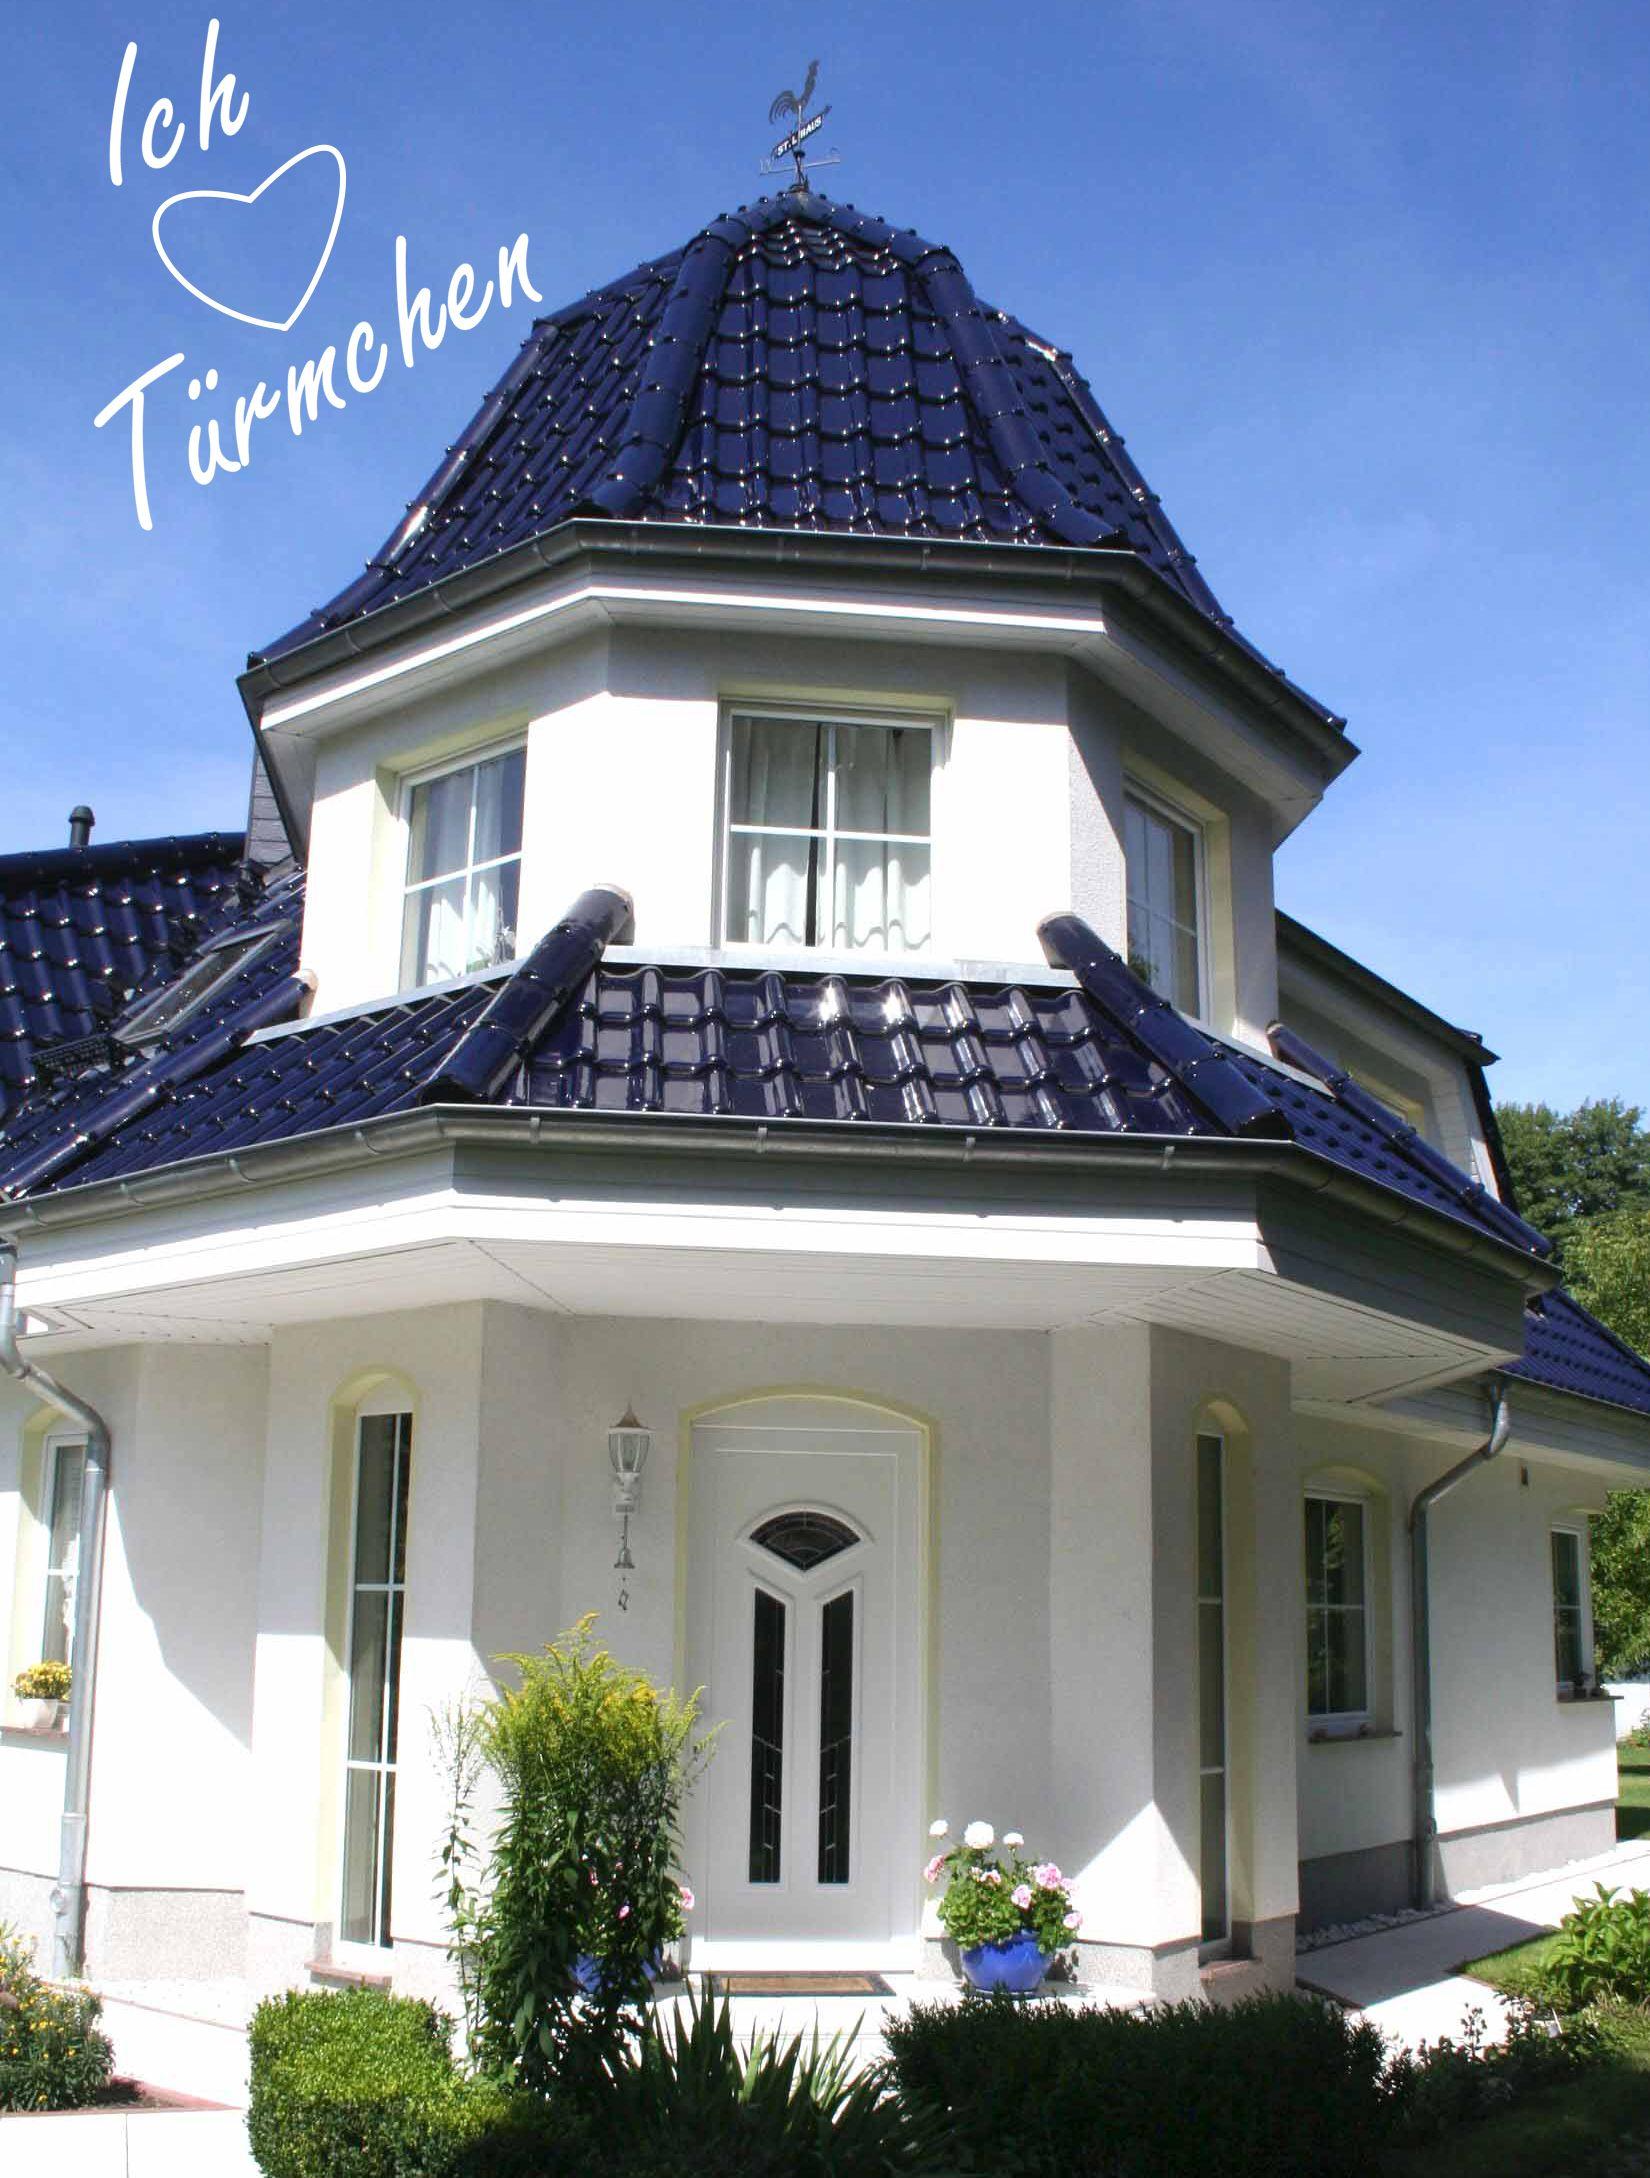 Diego Immobilien haus mit blauem dach und kleinem türmchen http diego immobilien